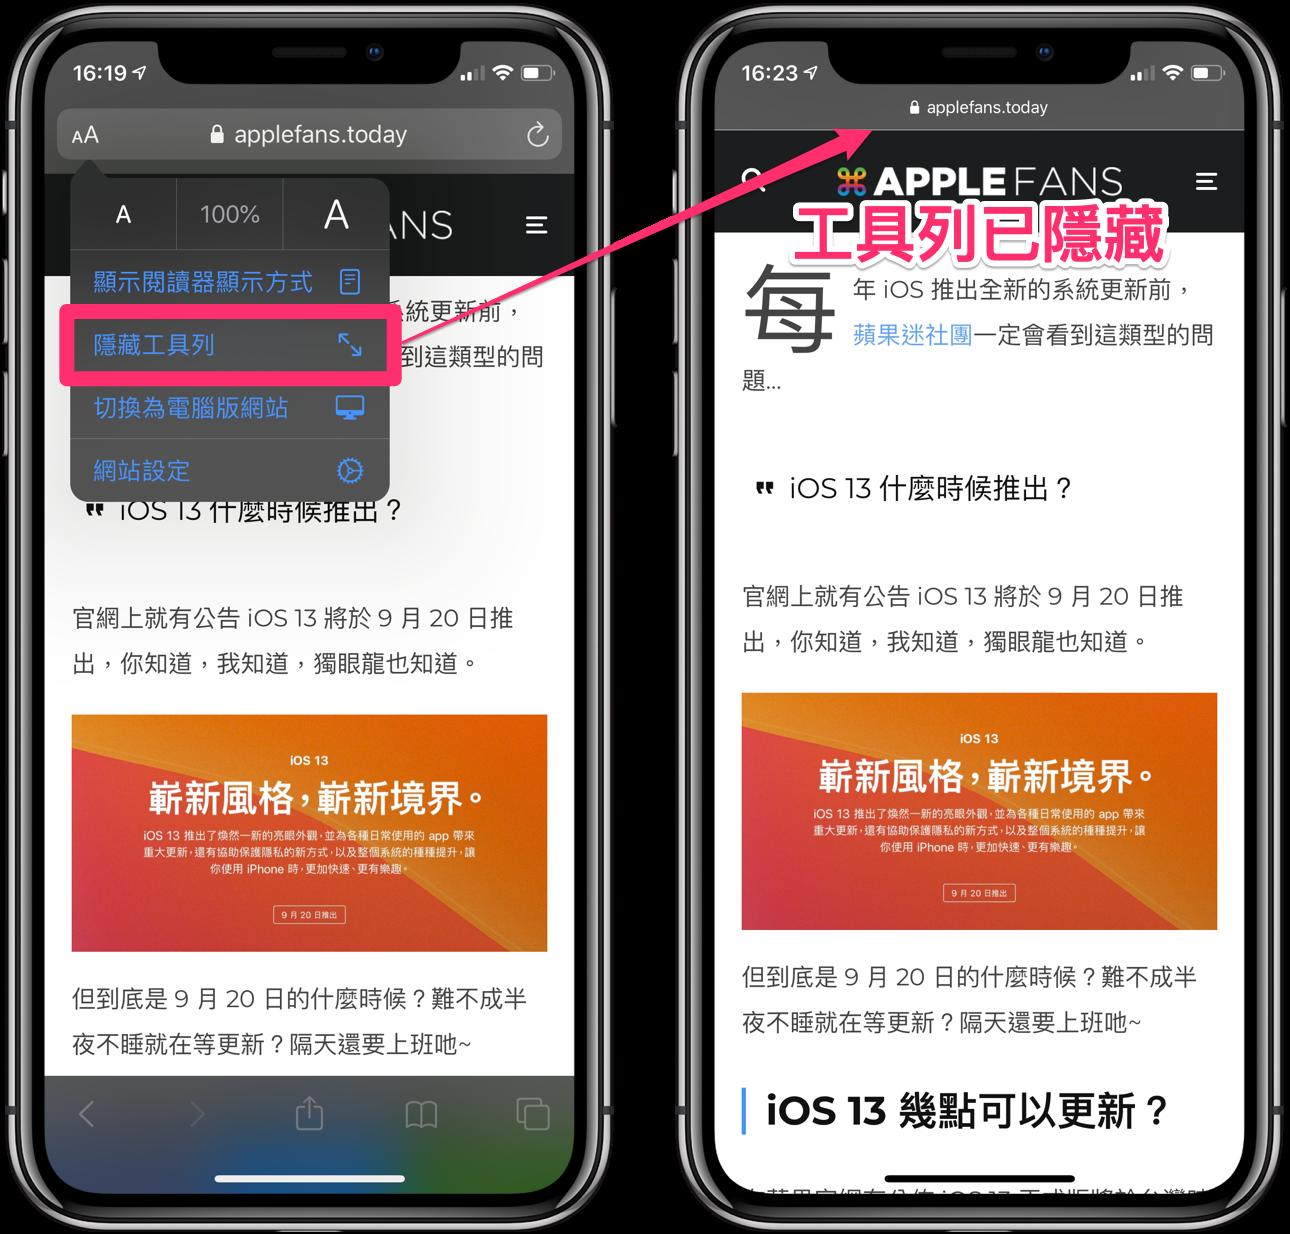 iOS 13 Safari